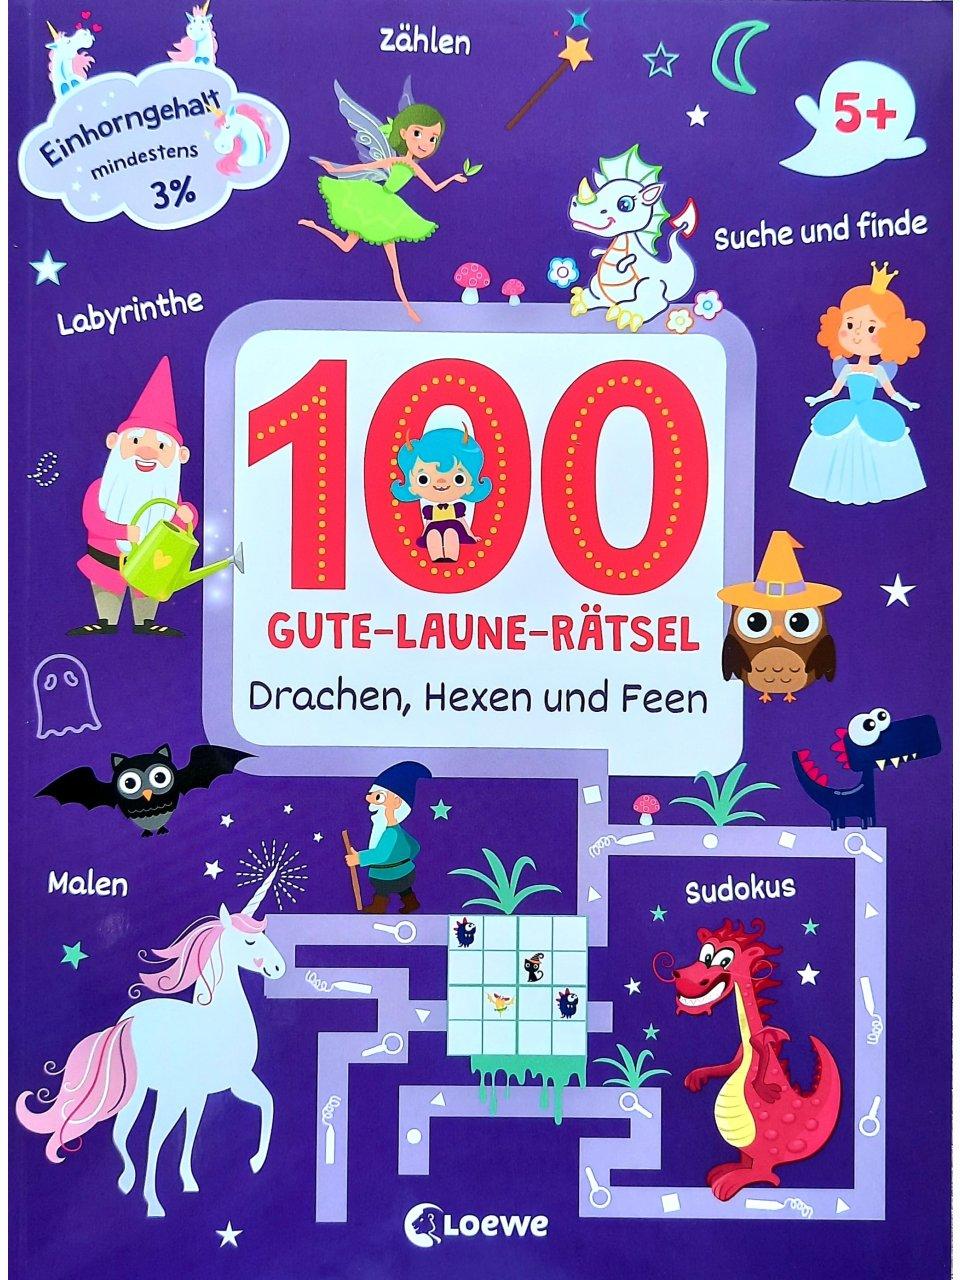 100 Gute-Laune-Rätsel - Drachen, Hexen und Feen